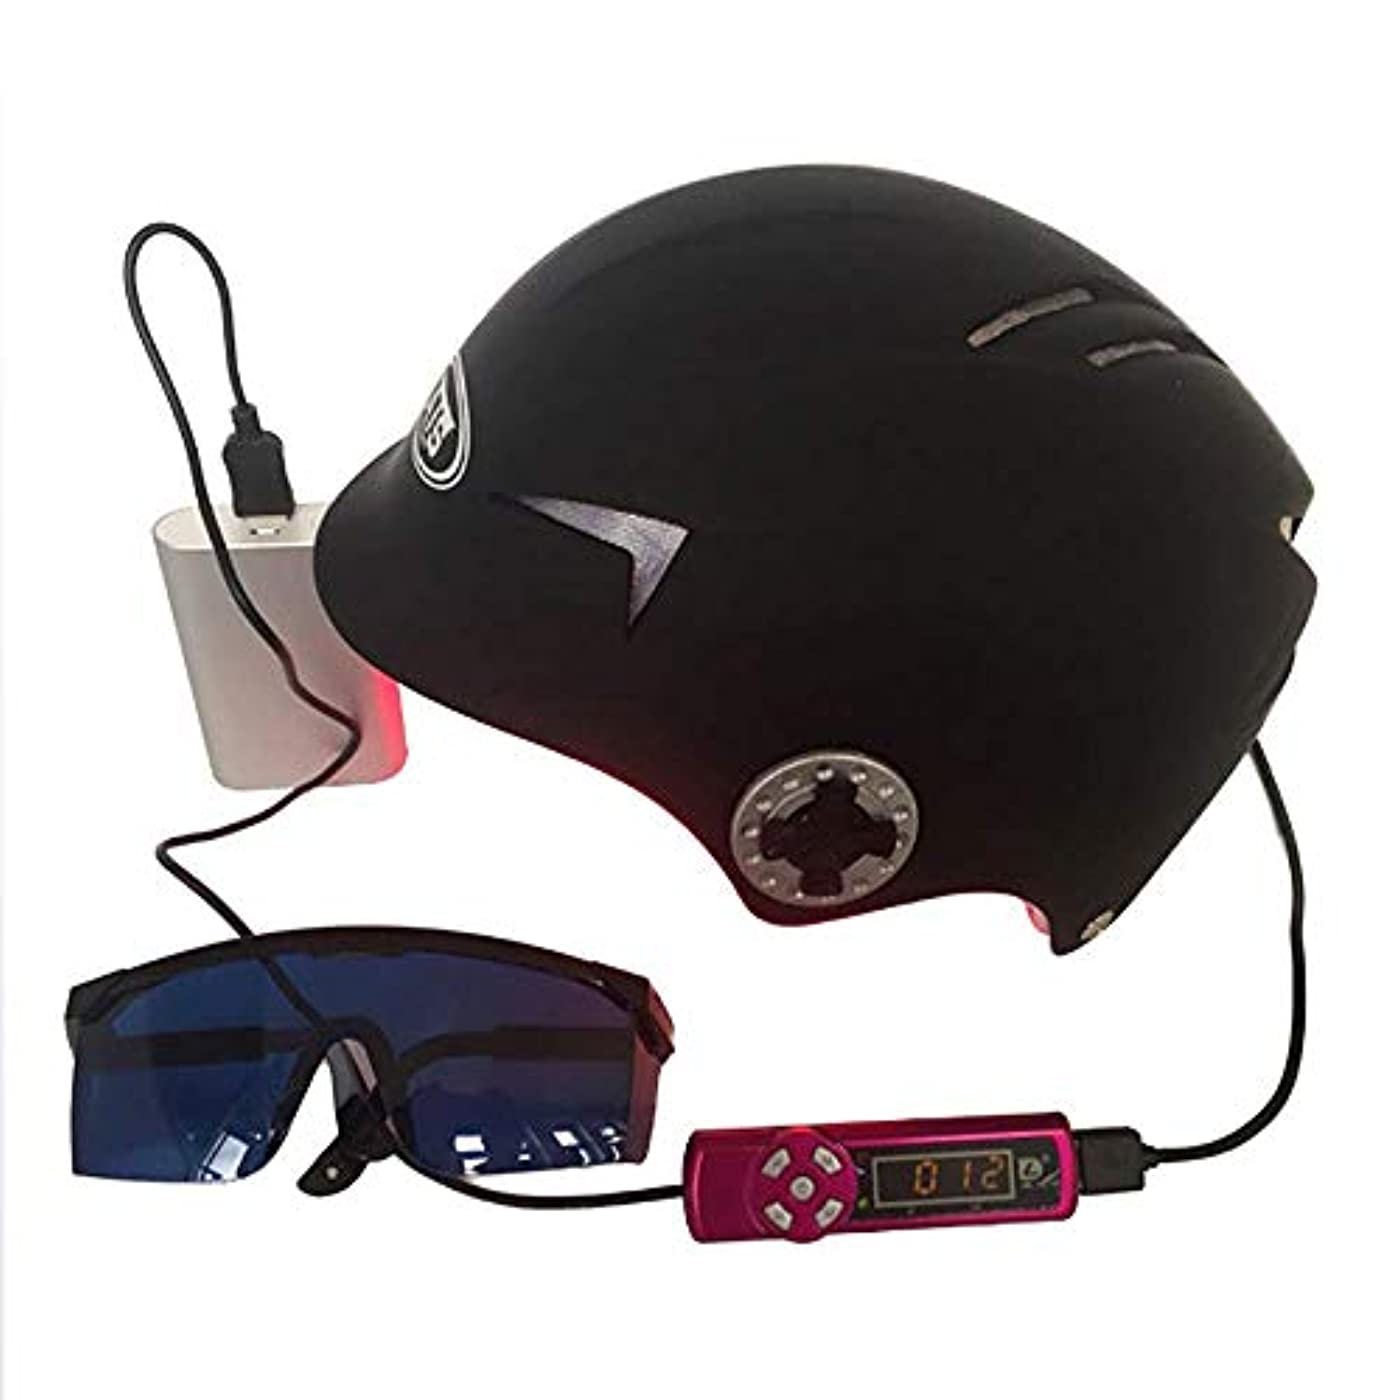 相対的専門化する後退する育毛ヘルメット急成長脱毛ソリューション男性と女性のダイオード治療ヘア帽子,128